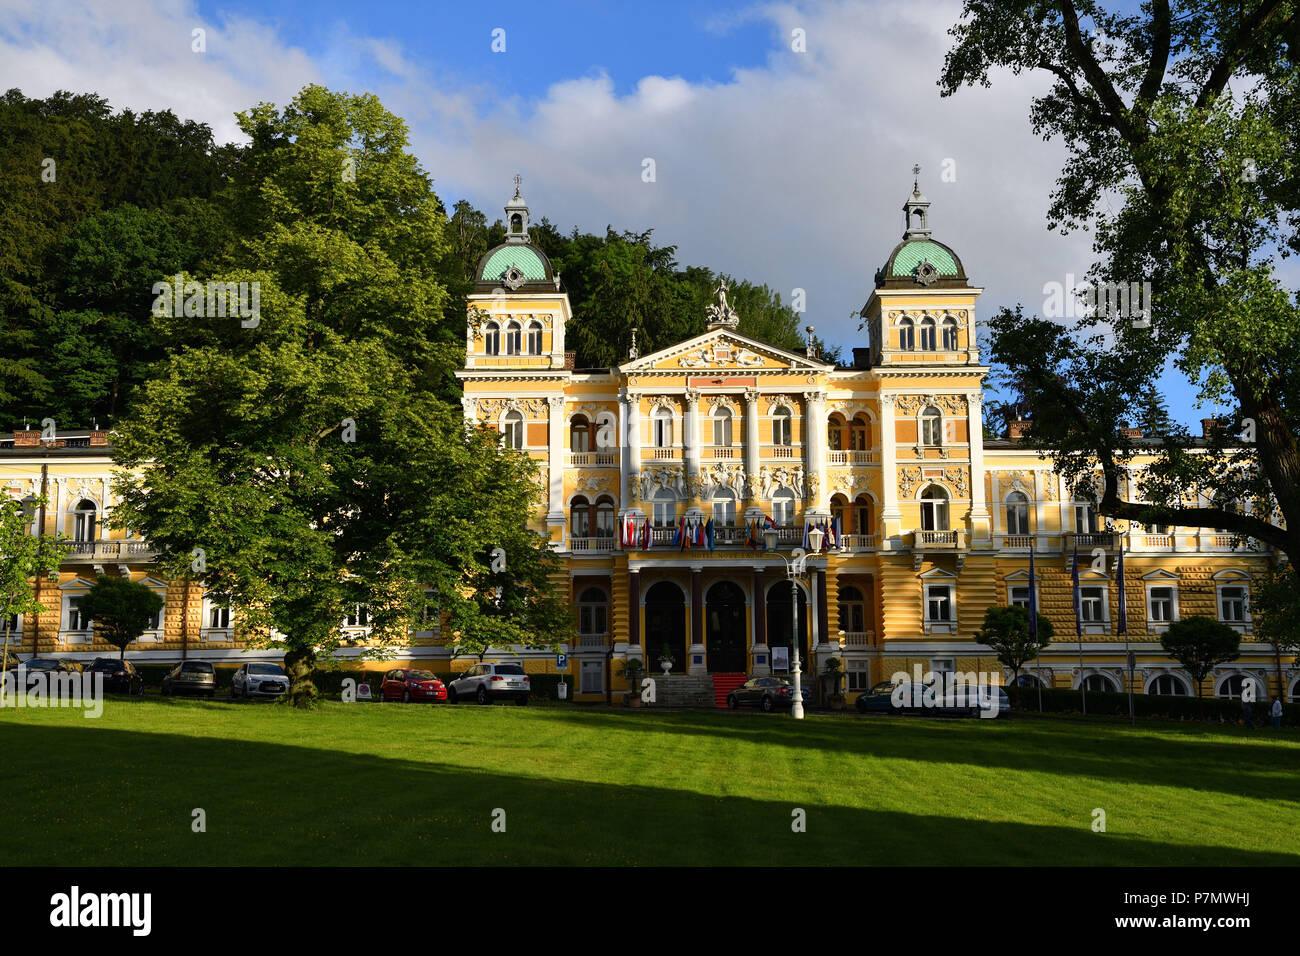 Czech Republic, Western Bohemia, Marianske Lazne (Marienbad), thermal city, Luxury hotel Nove Lázne, new spa - Stock Image